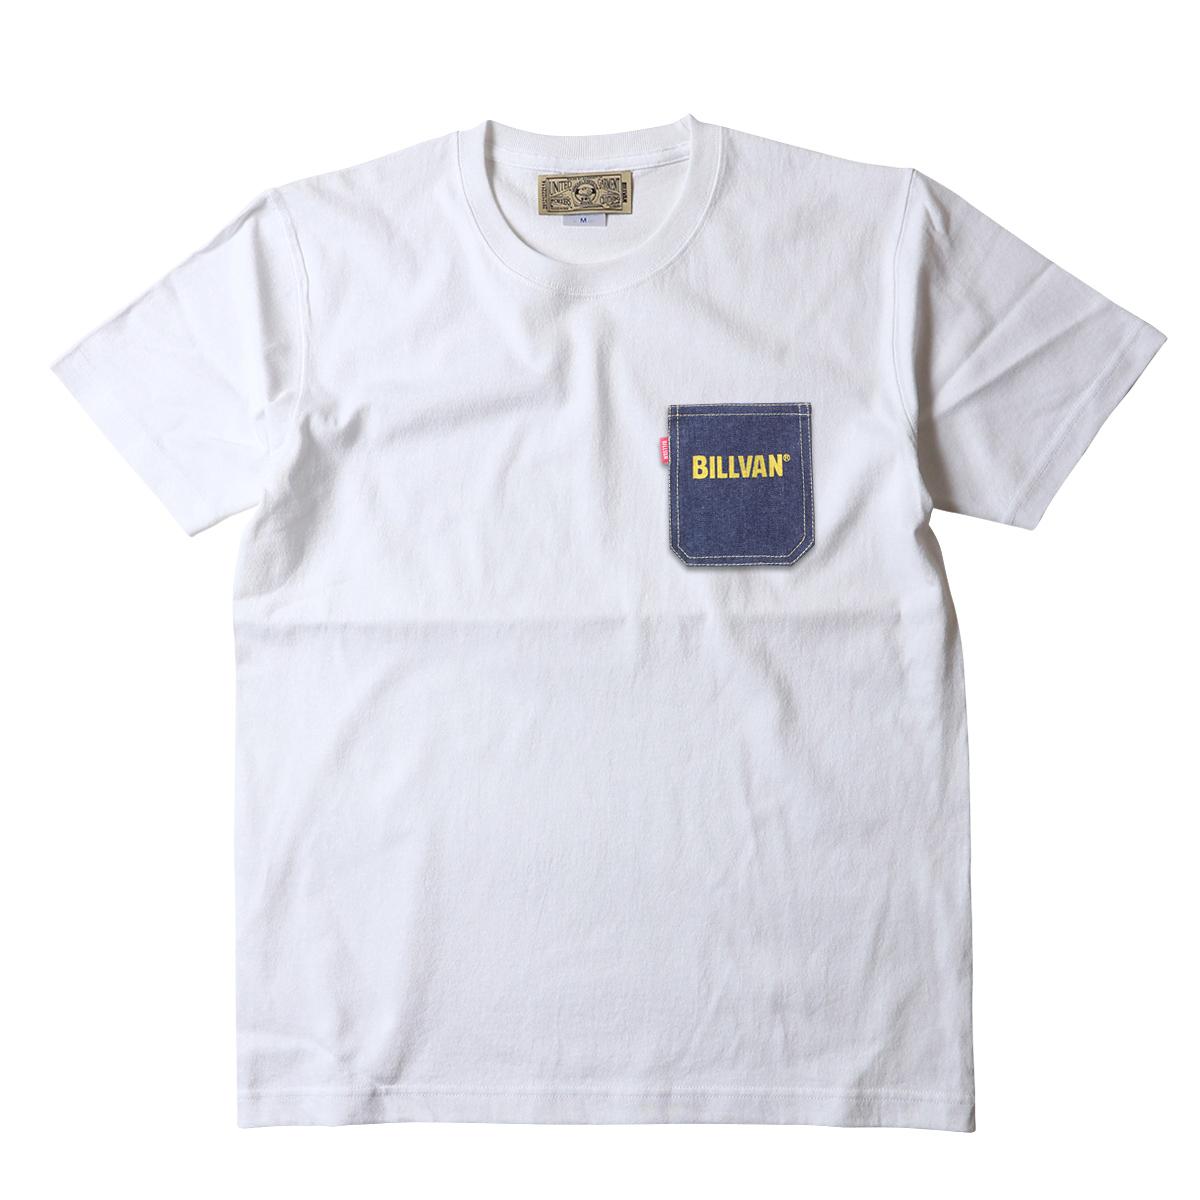 BILLVAN アメカジ デニム・ポケット ヘビーTシャツ オープンエンド糸 ワークTシャツ メンズ アメカジ